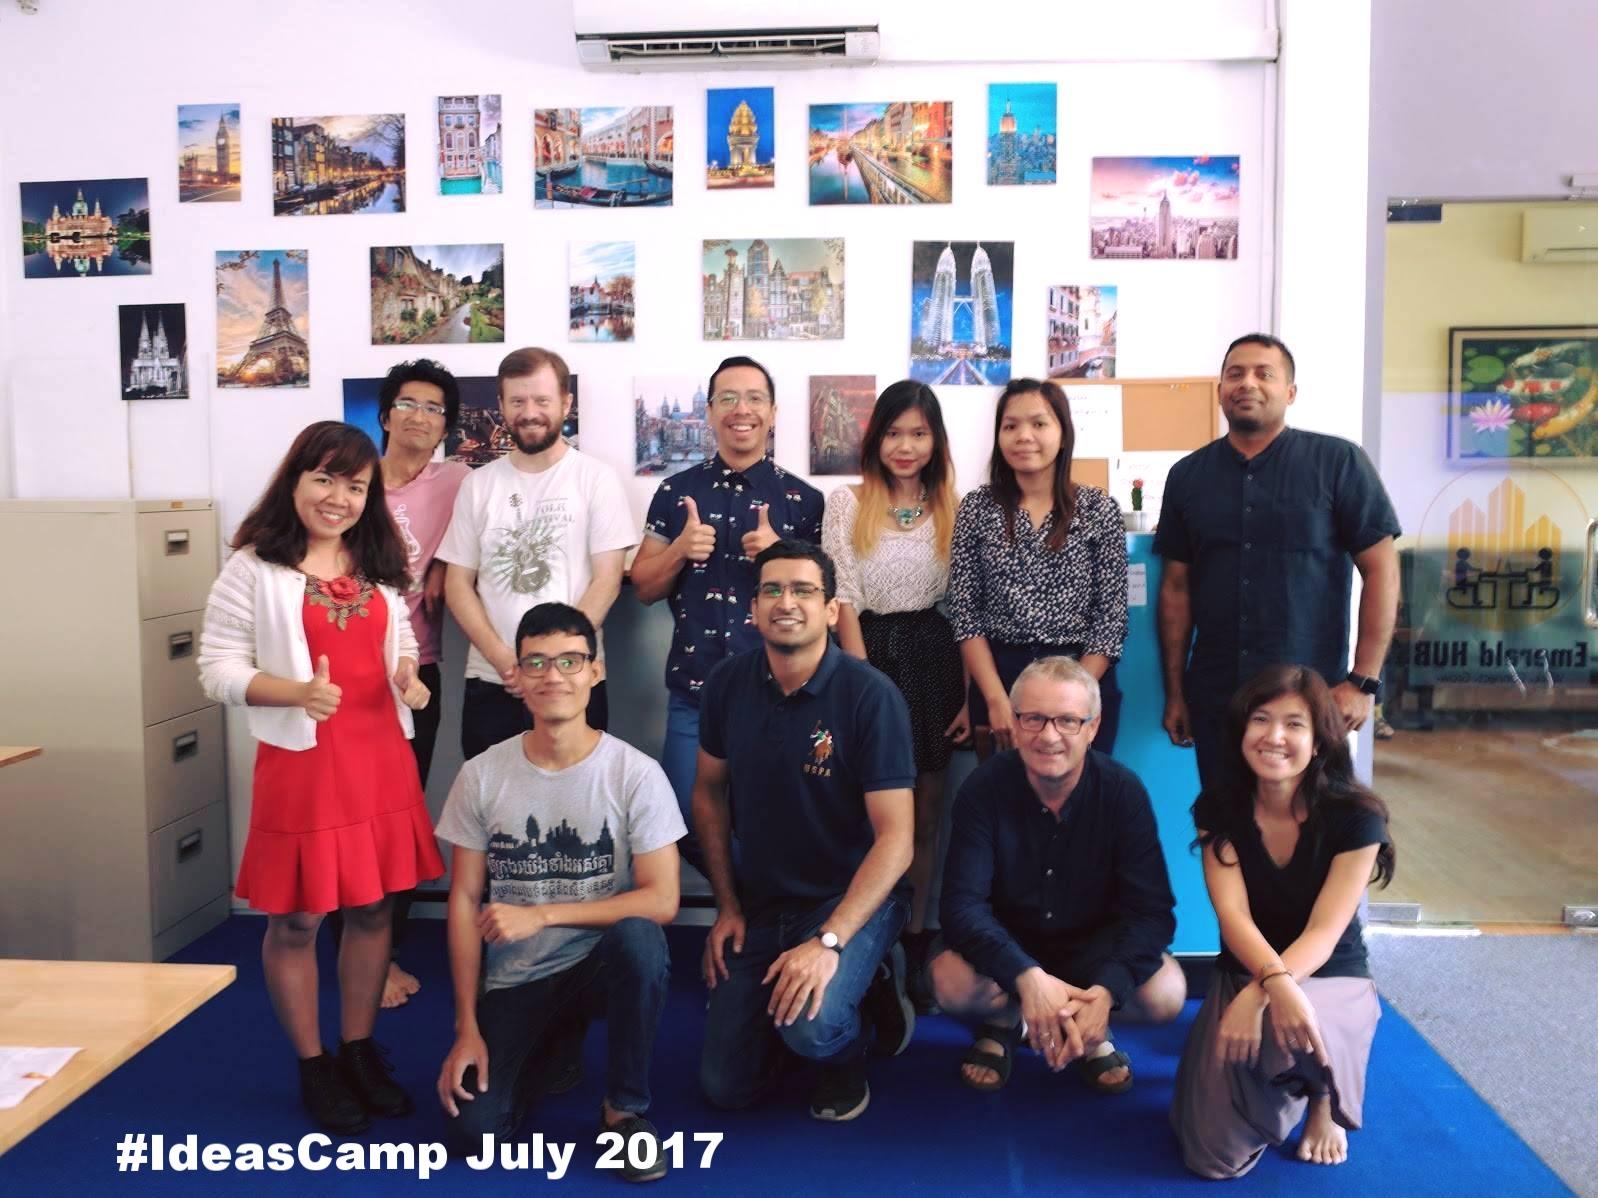 IdeasCamp group.jpg